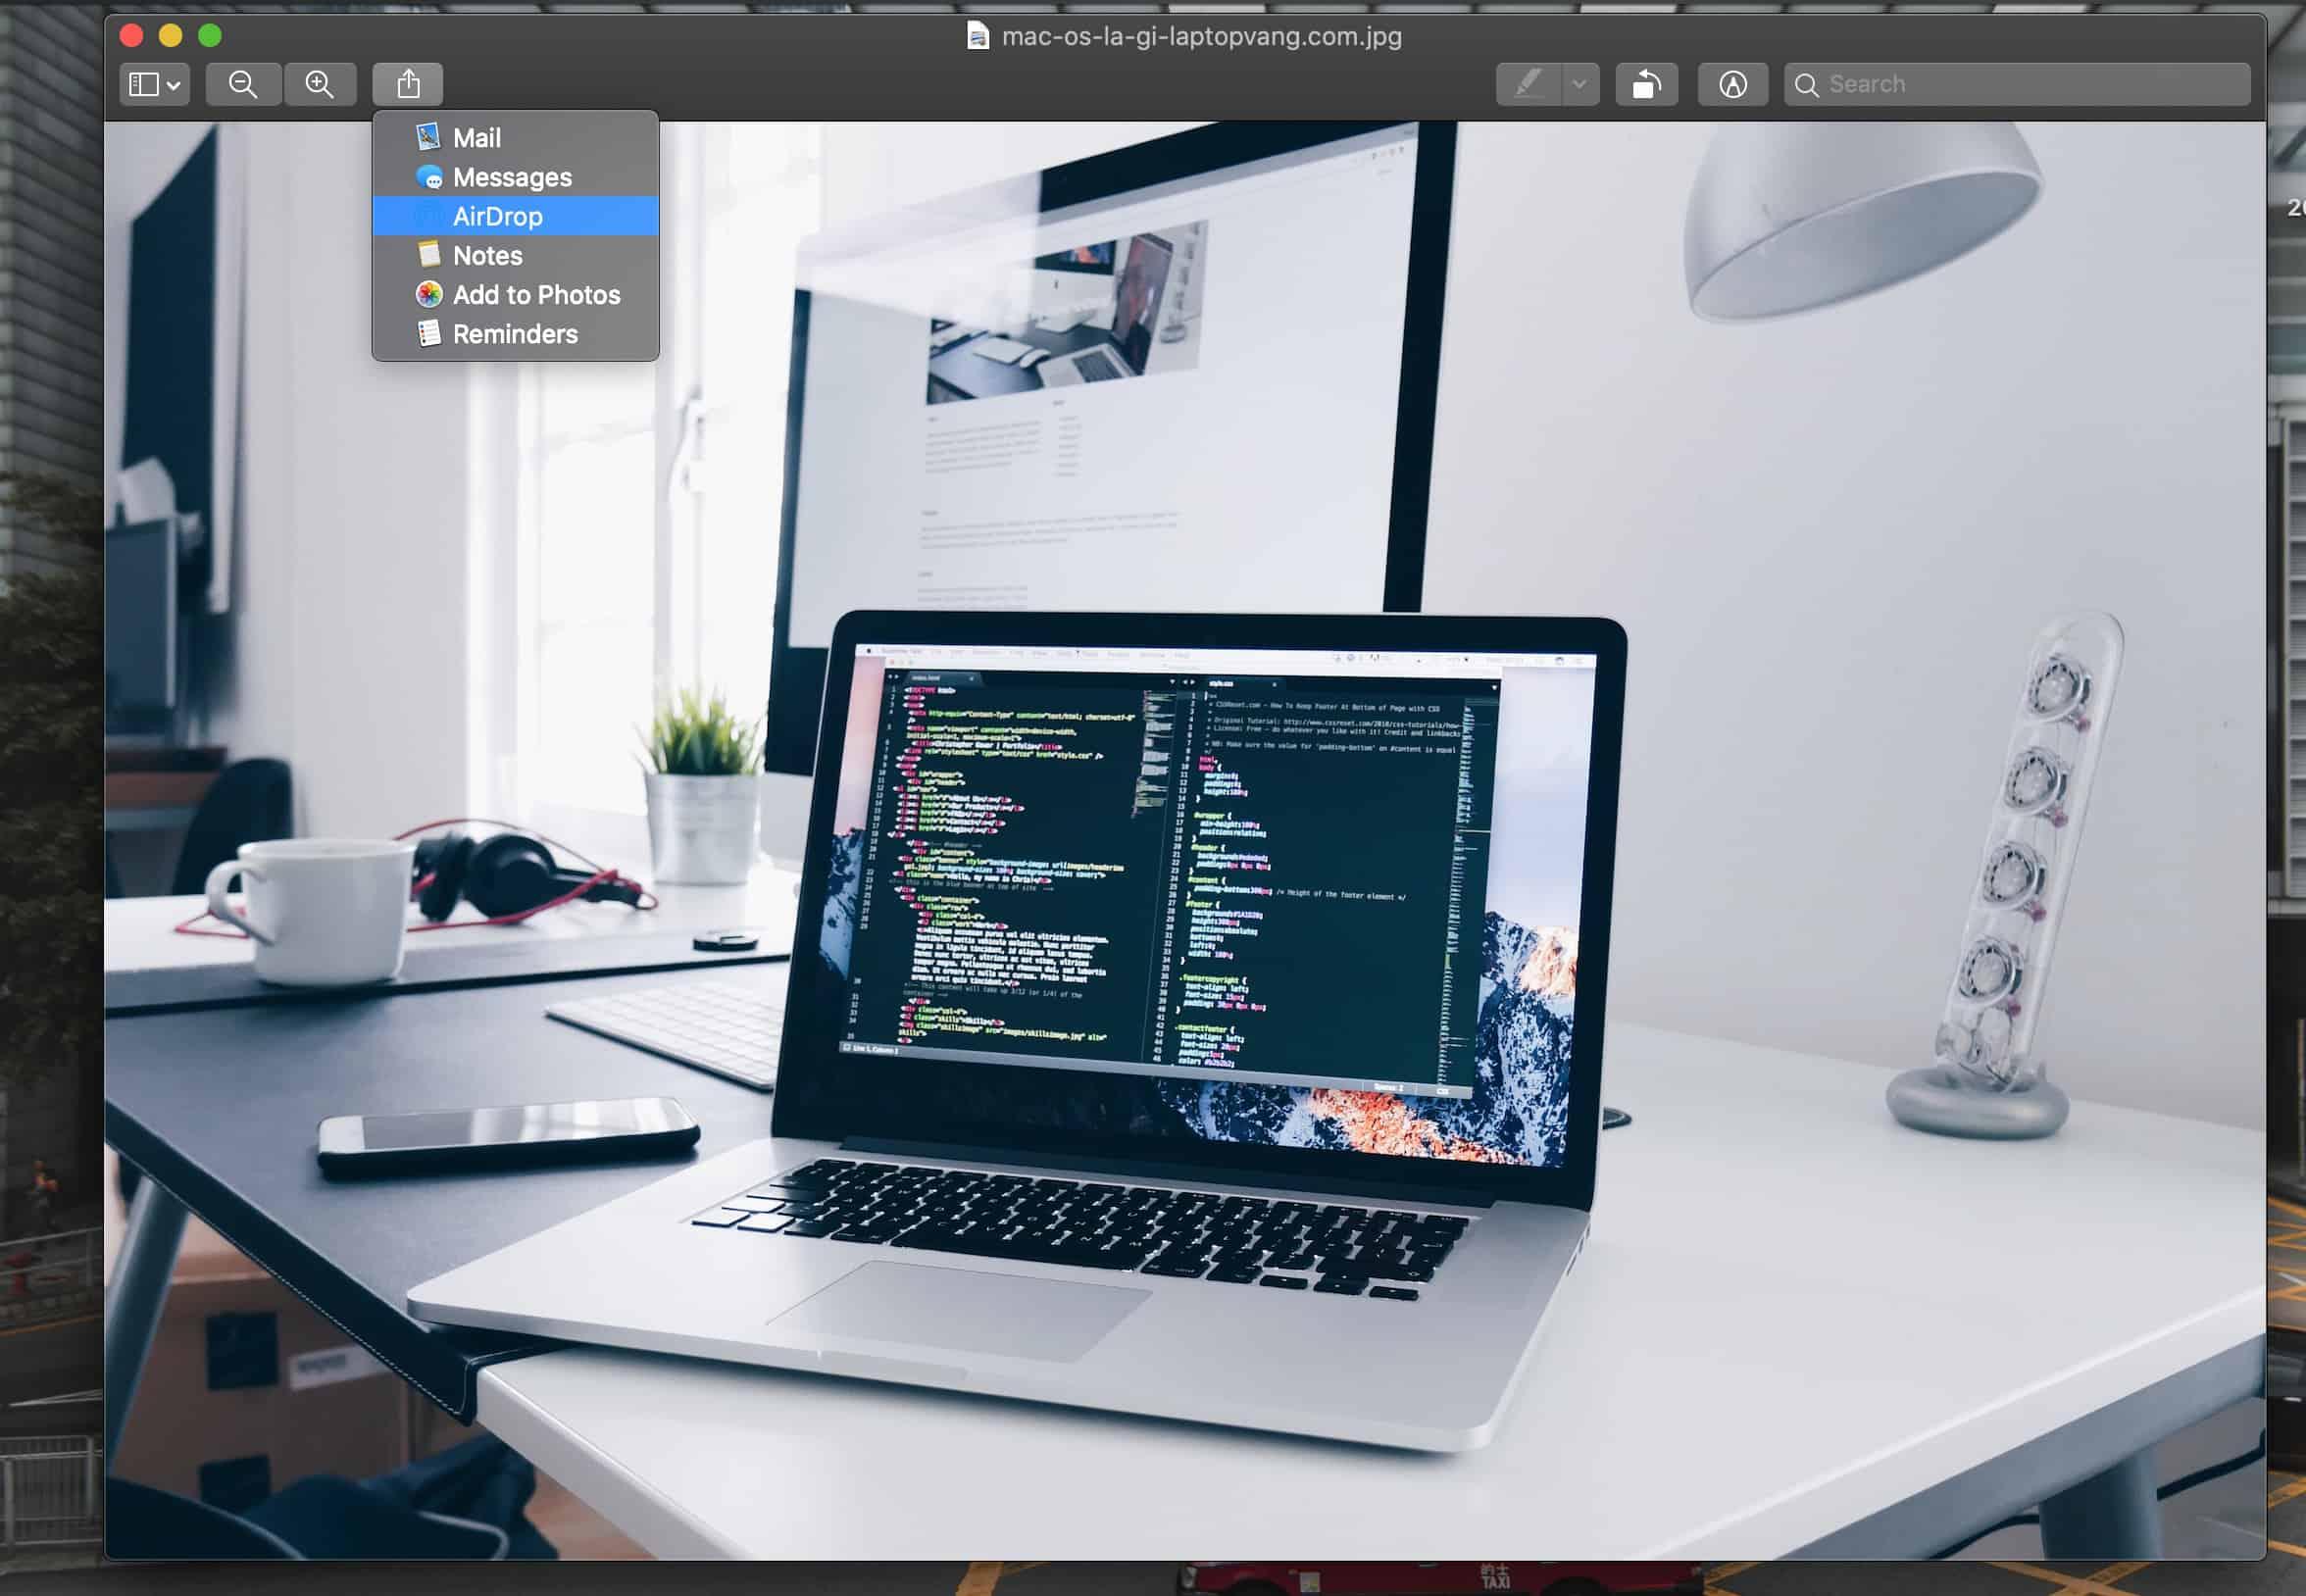 Chia sẻ nội dung AirDrop từ MacBook của bạn